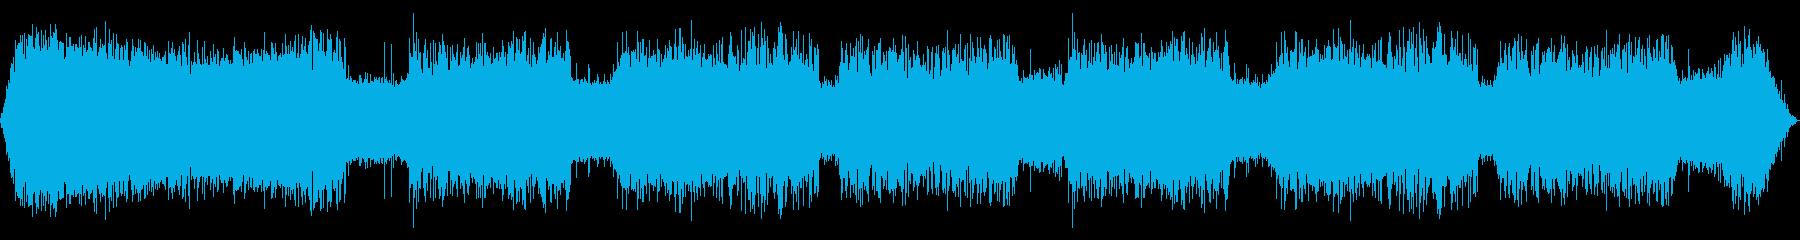 ソーティングマシンの確認:ランニン...の再生済みの波形